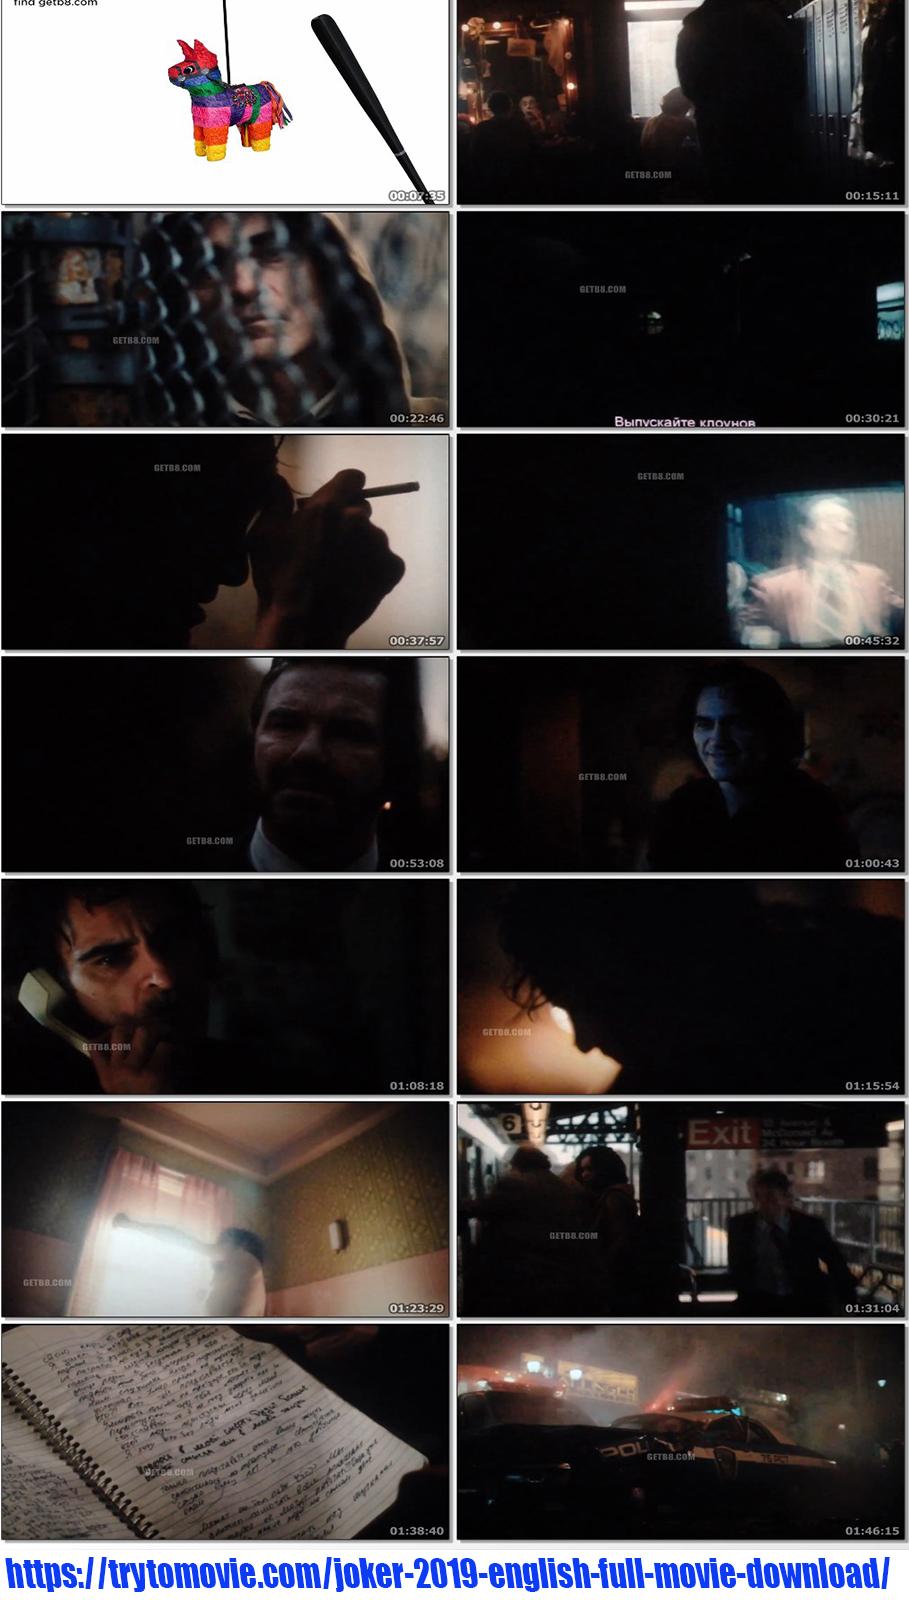 Joker 2019 Full Movie Screenshot